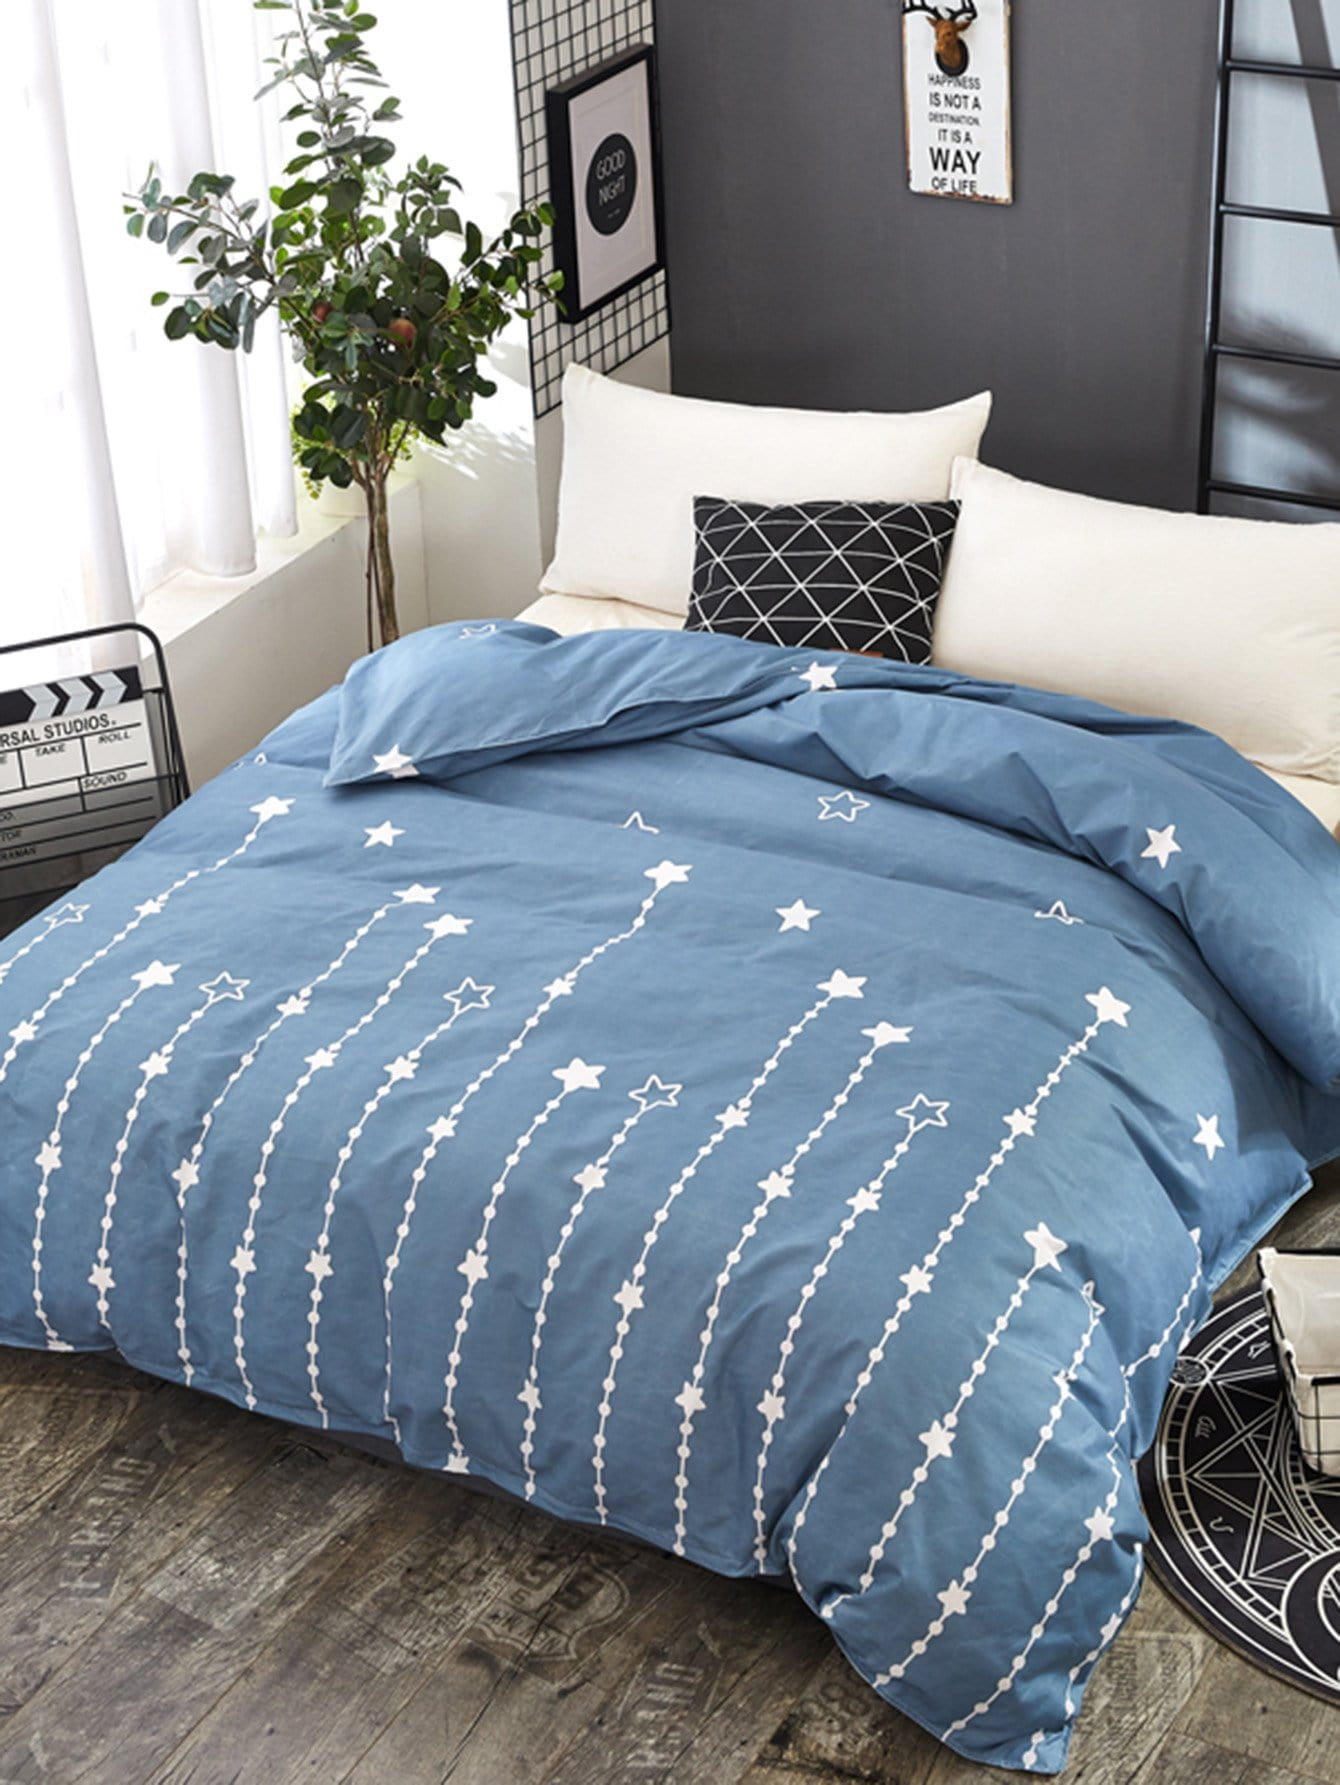 Купить Бархатное постельное бельё с рисунками звезд 1 шт, null, SheIn